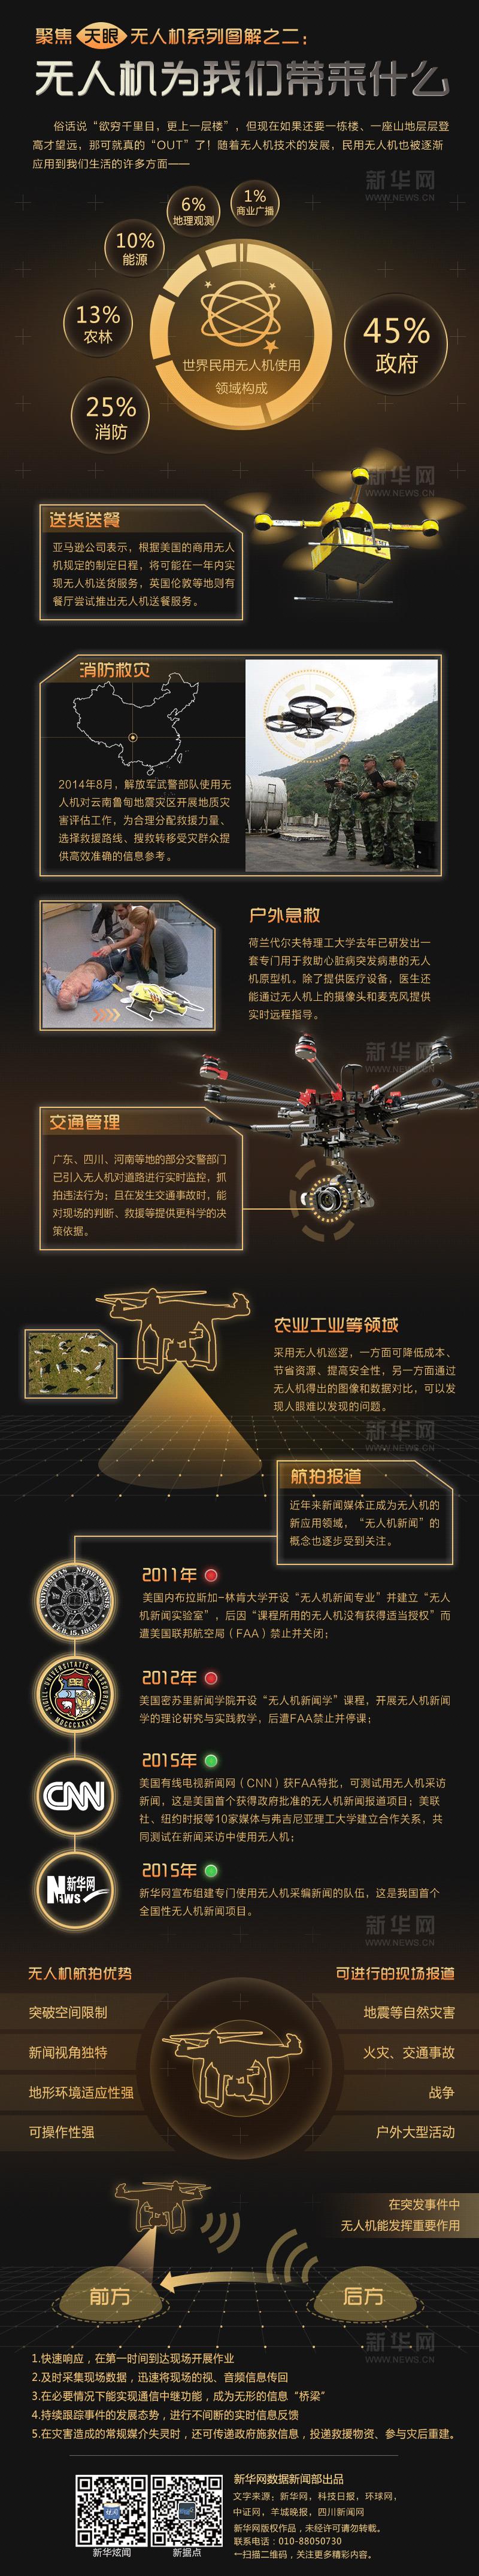 无人机图解系列:一张图看懂无人机带来什么